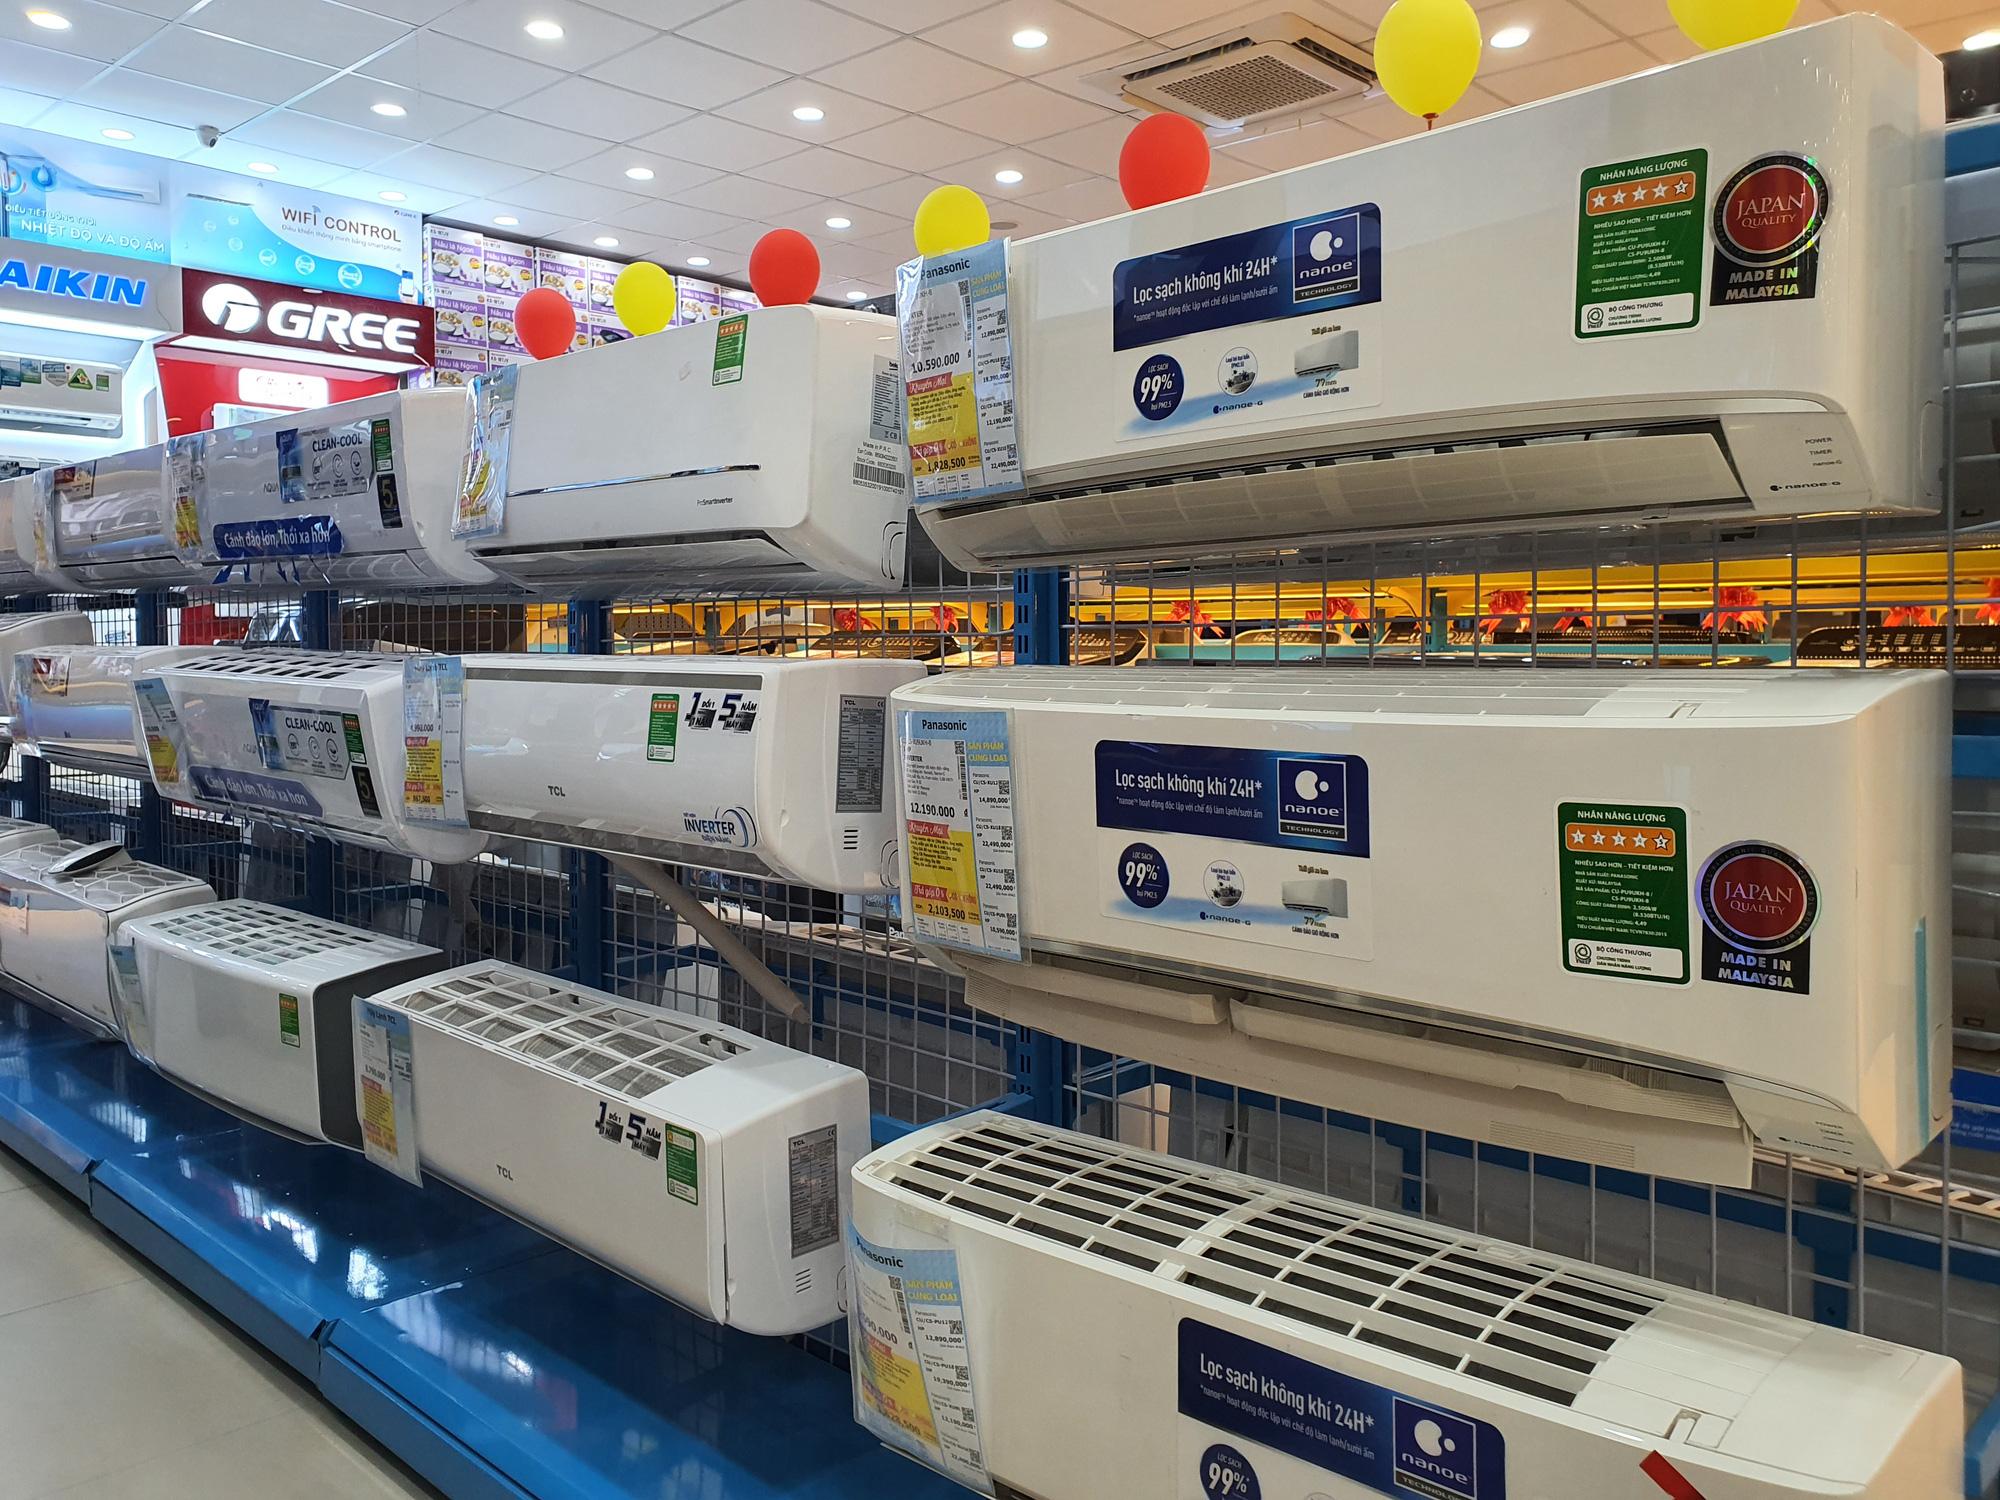 Điện lạnh giảm giá tuần này: Máy lạnh, tủ lạnh nhiều ưu đãi - Ảnh 1.